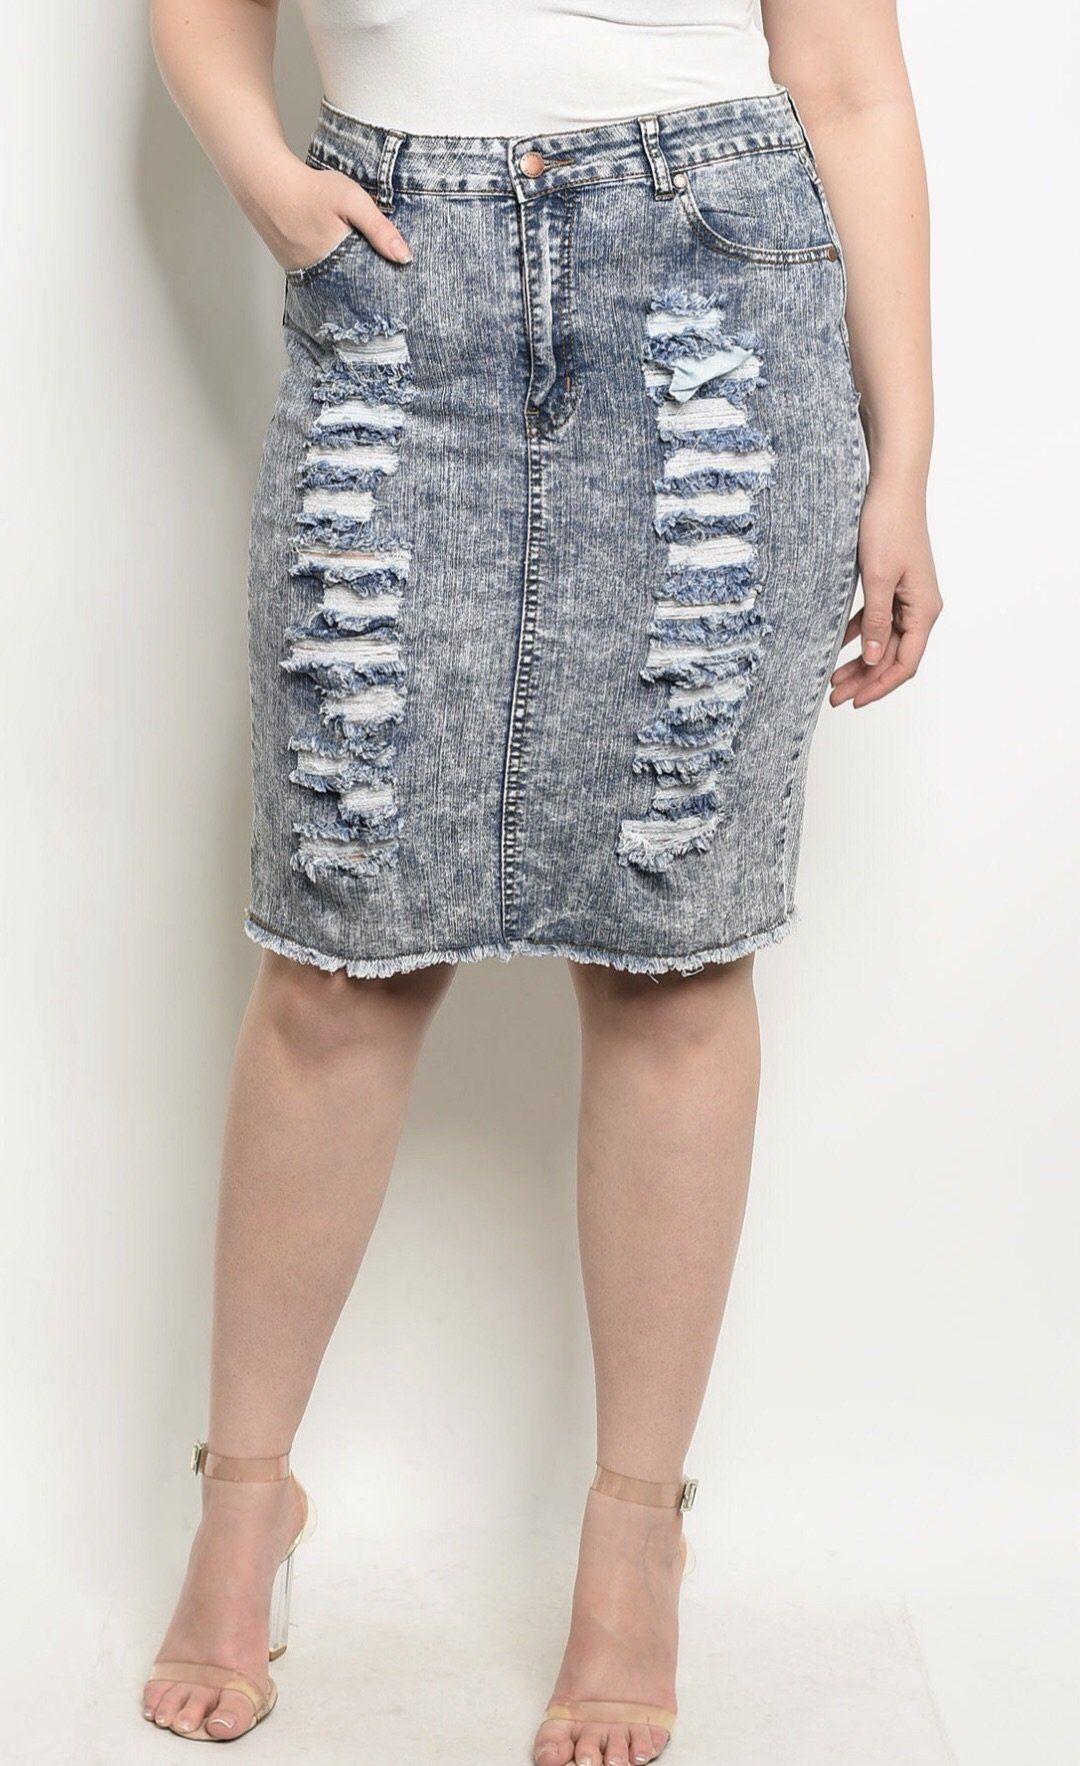 fdb3ed9d753a Denim Wash Plus Size Skirt | LLxD Boutique | Skirts, Plus size ...